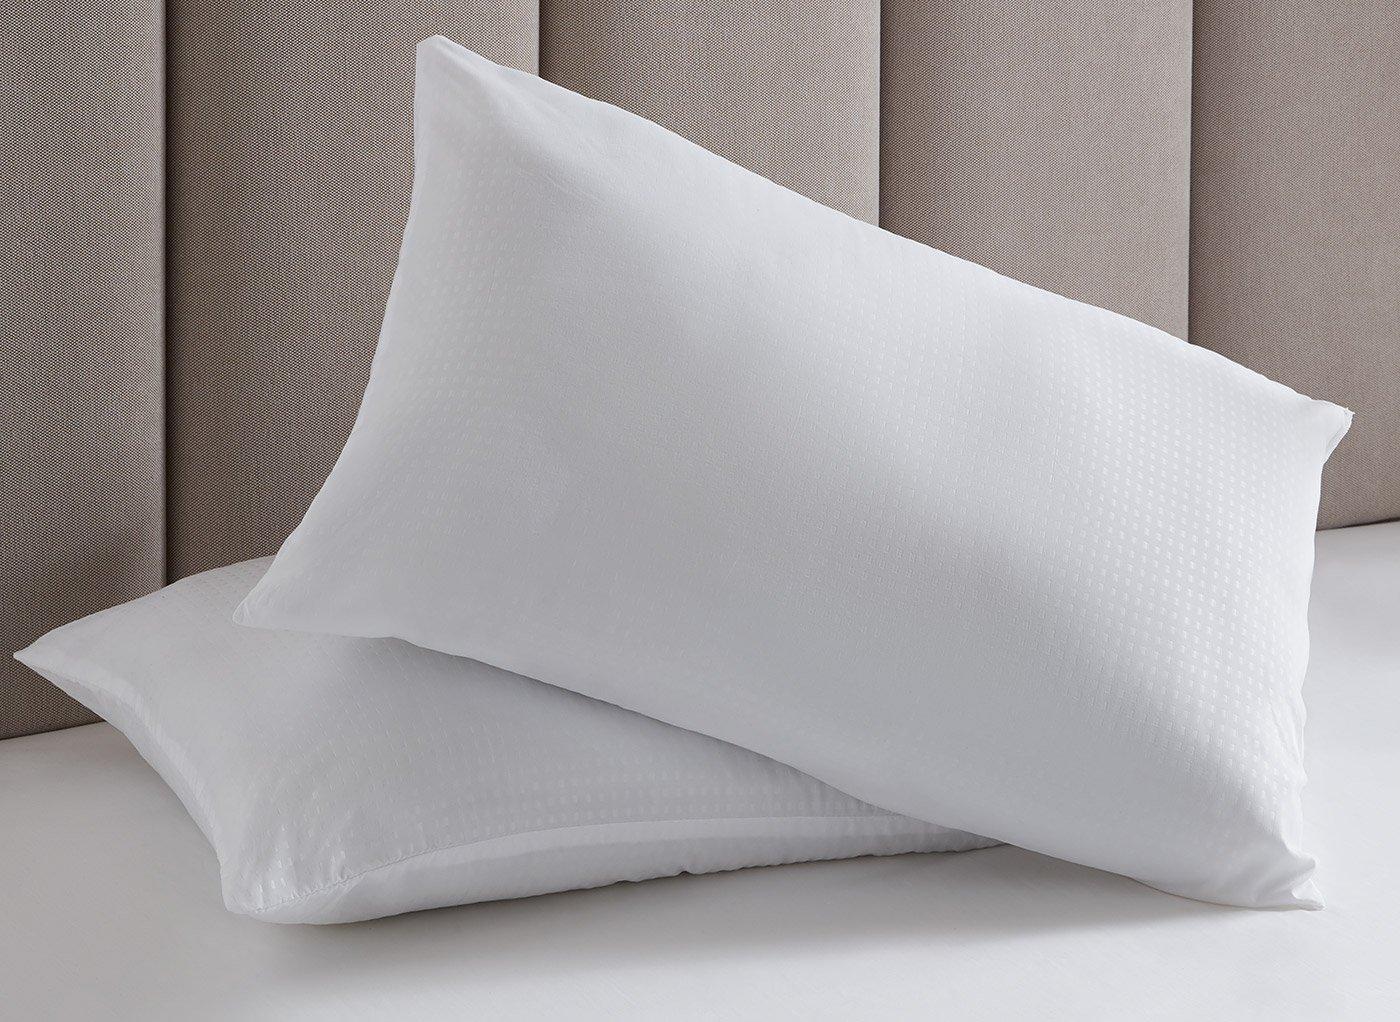 doze-anti-allergy-pillow-pair